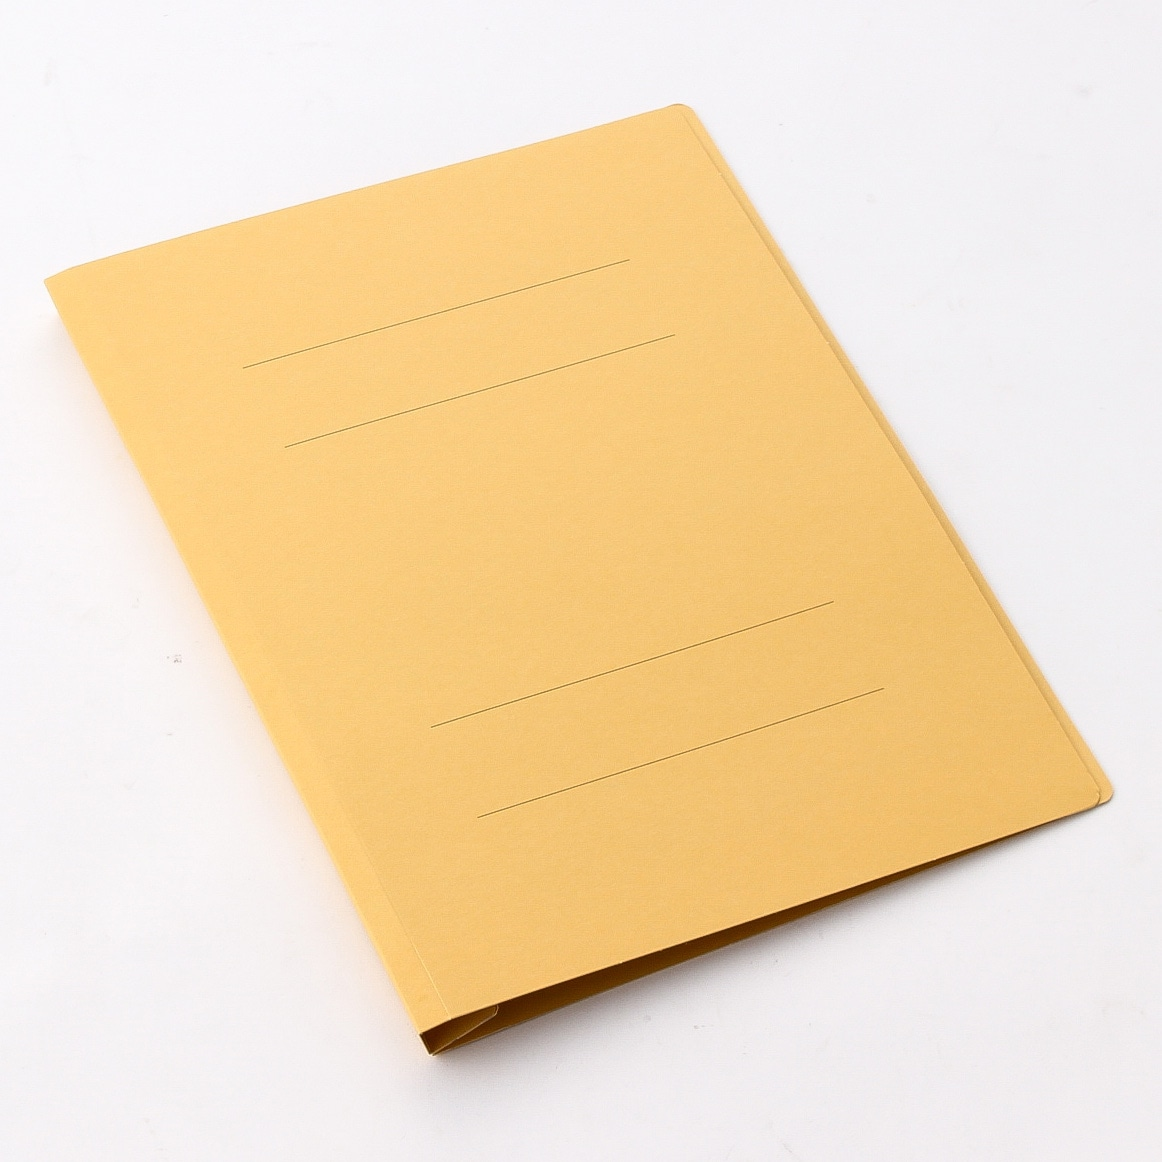 プラス フラットファイル 樹脂 A4 縦 イエロー (NO.021N) 10冊